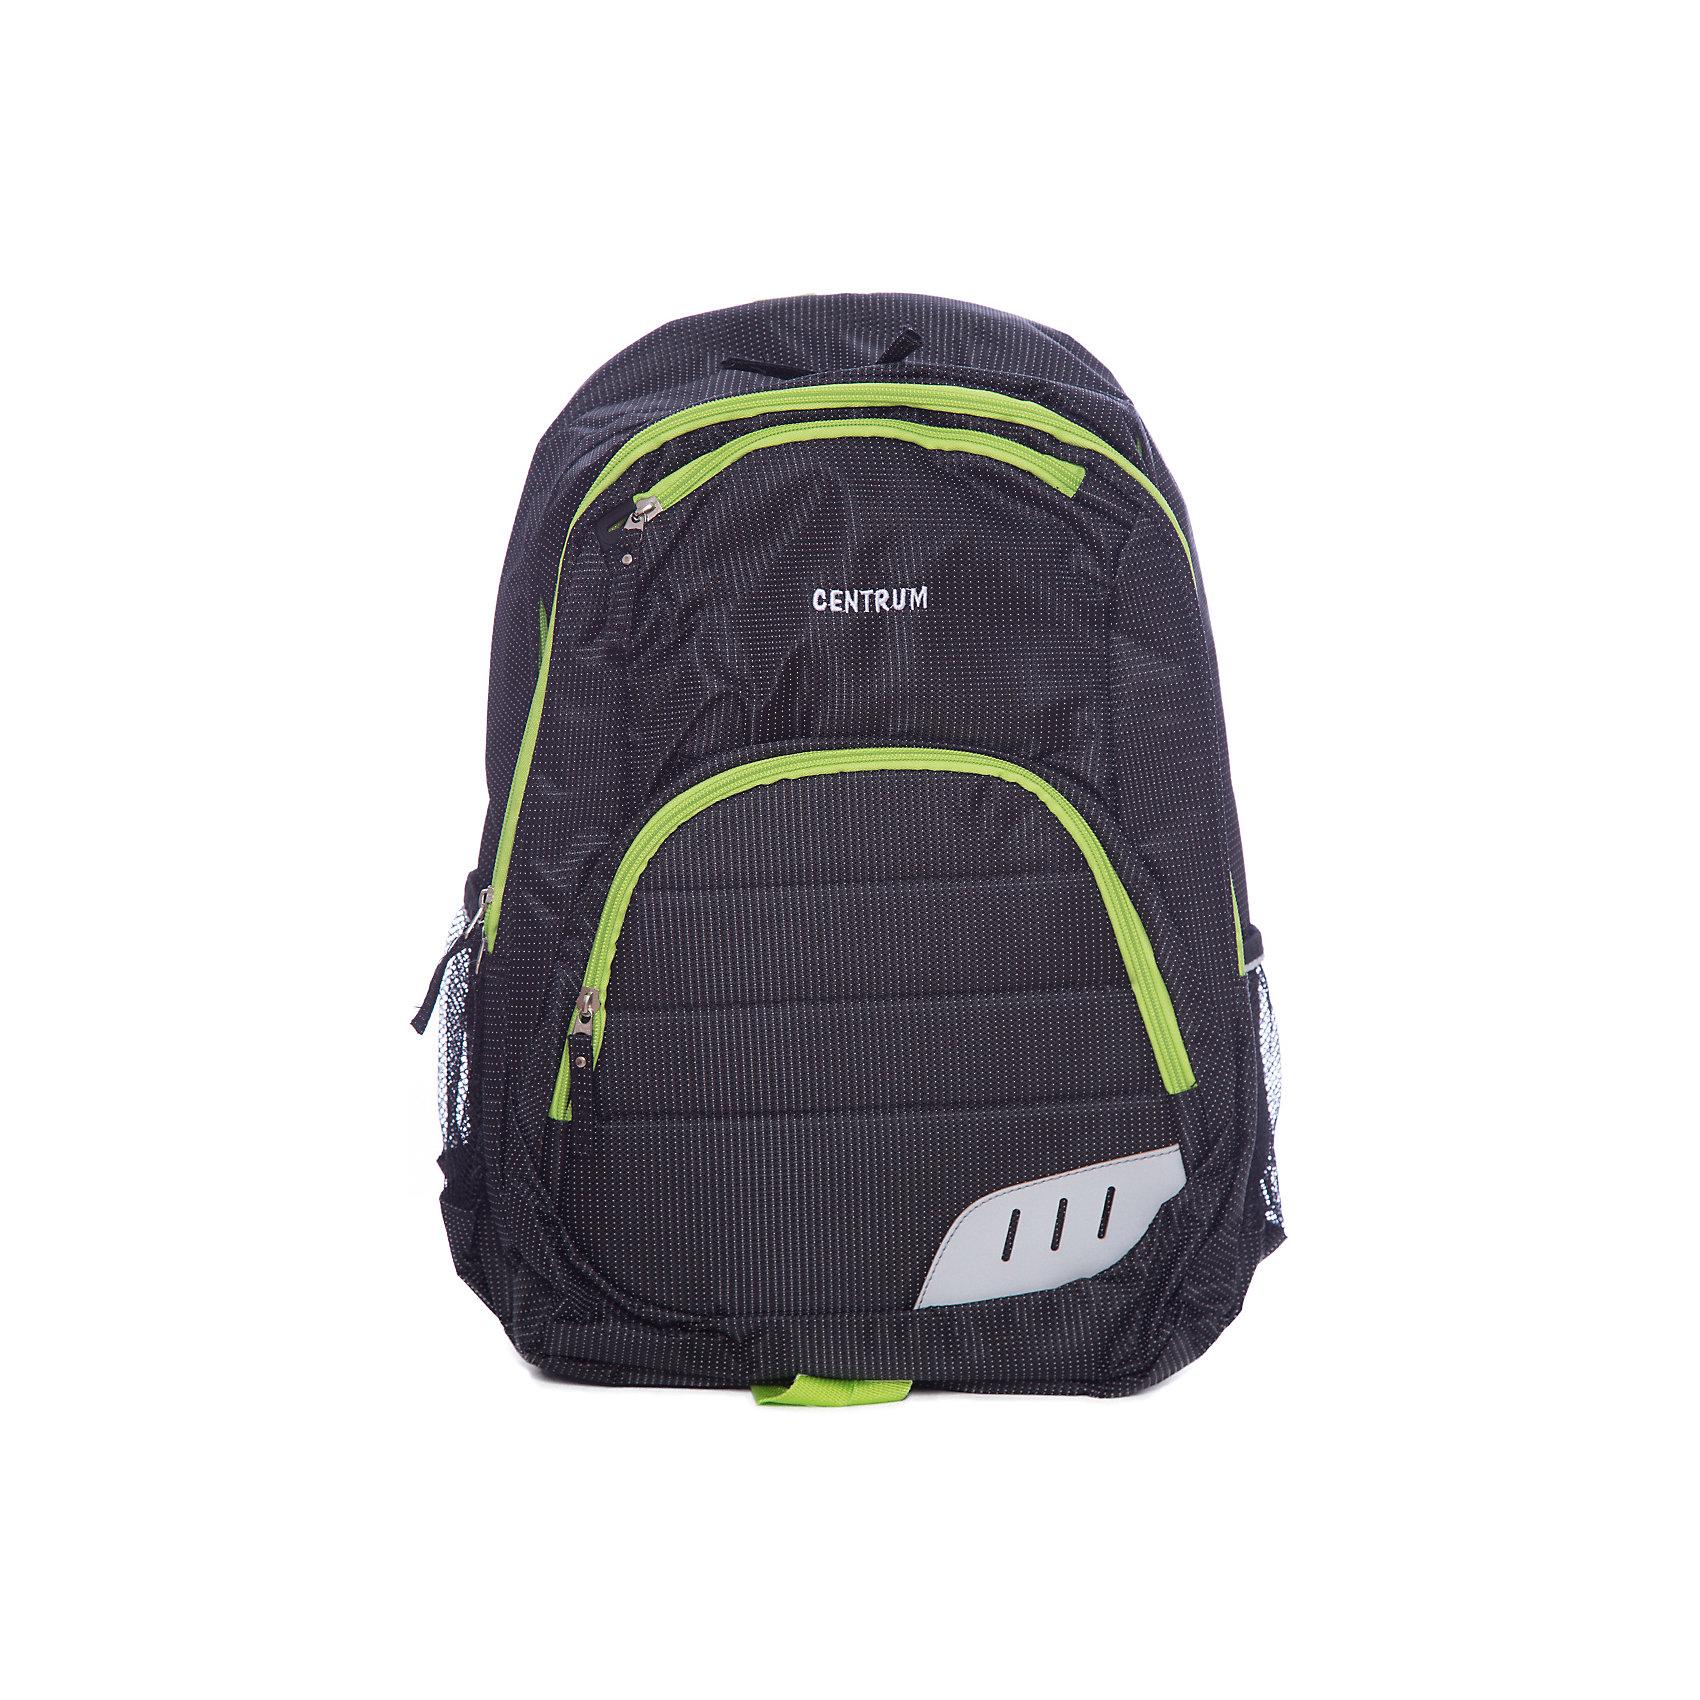 Спортивный рюкзак, черный с зеленым кантомДорожные сумки и чемоданы<br>Спортивный рюкзак, черный с зеленым кантом, Centrum (Центрум)<br><br>Характеристики:<br><br>• регулируемые лямки<br>• есть внутренние карманы<br>• застегивается на молнию<br>• материал: полиэстер<br>• размер: 52х38х14 см<br><br>Спортивный рюкзак Центрум имеет два вместительных отделения, которые застегиваются на молнию. Также есть 2 сетчатых боковых кармана. Лямки рюкзака регулируются по росту ребенка. Внешняя сторона имеет черный цвет и декорирована зеленым кантом.<br><br>Спортивный рюкзак, черный, с зеленым кантом, Centrum (Центрум) можно купить в нашем интернет-магазине.<br><br>Ширина мм: 180<br>Глубина мм: 330<br>Высота мм: 475<br>Вес г: 380<br>Возраст от месяцев: 72<br>Возраст до месяцев: 120<br>Пол: Мужской<br>Возраст: Детский<br>SKU: 4098800